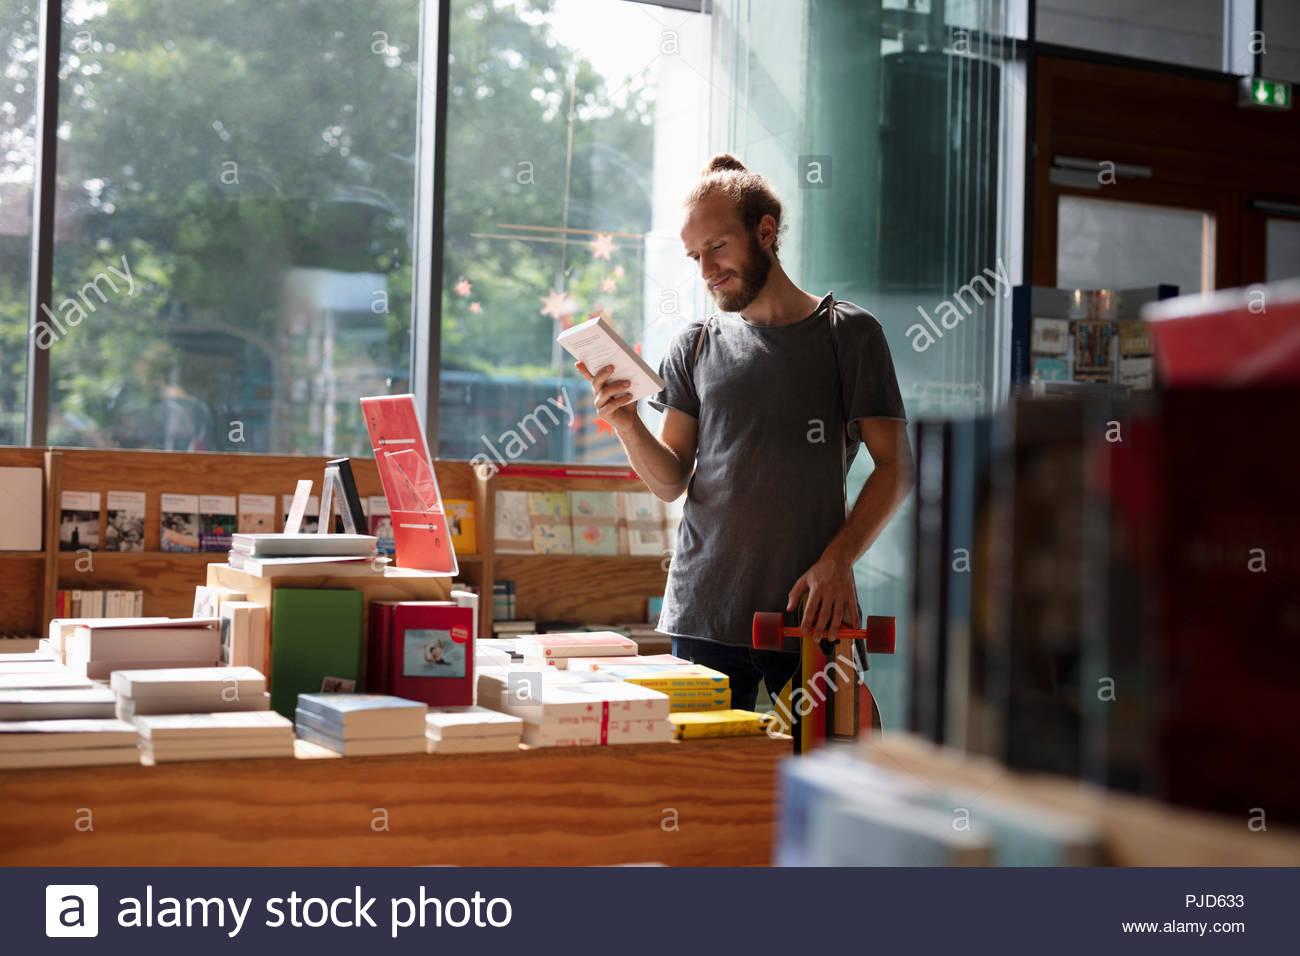 Uomo con negozi di skateboard in bookstore Immagini Stock